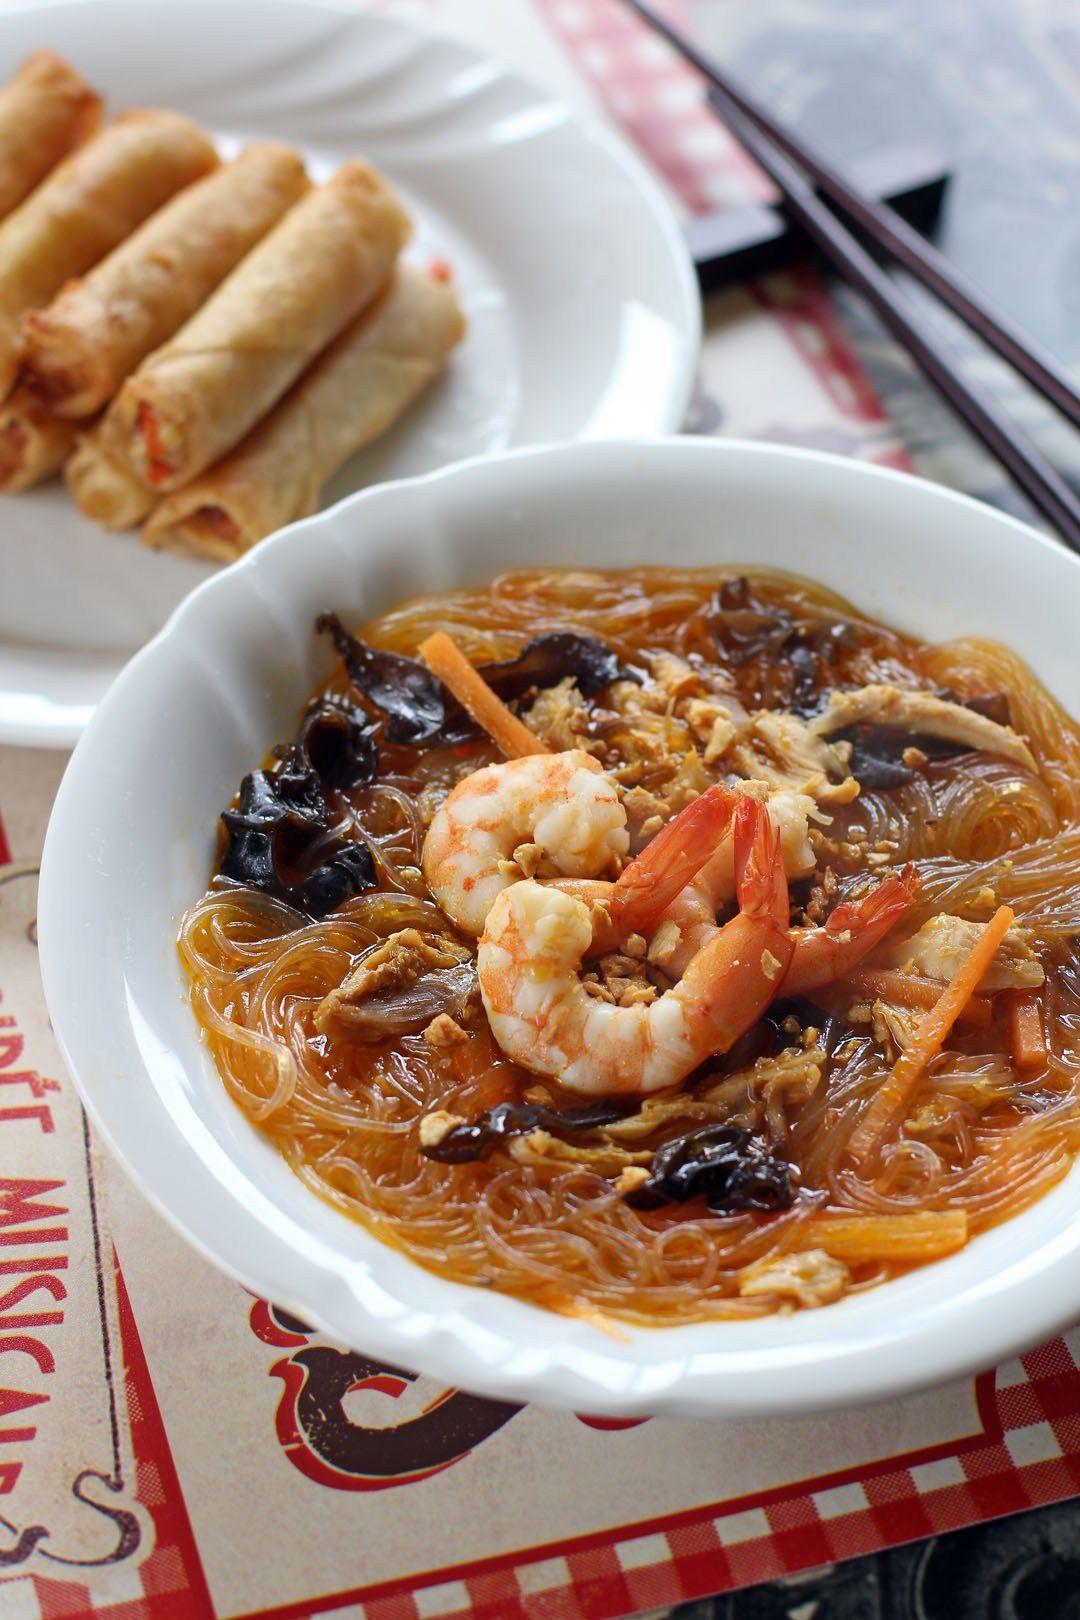 Sotanghon Soup Ang Sarap Recipe Sotanghon Soup Cooking Cooking Recipes